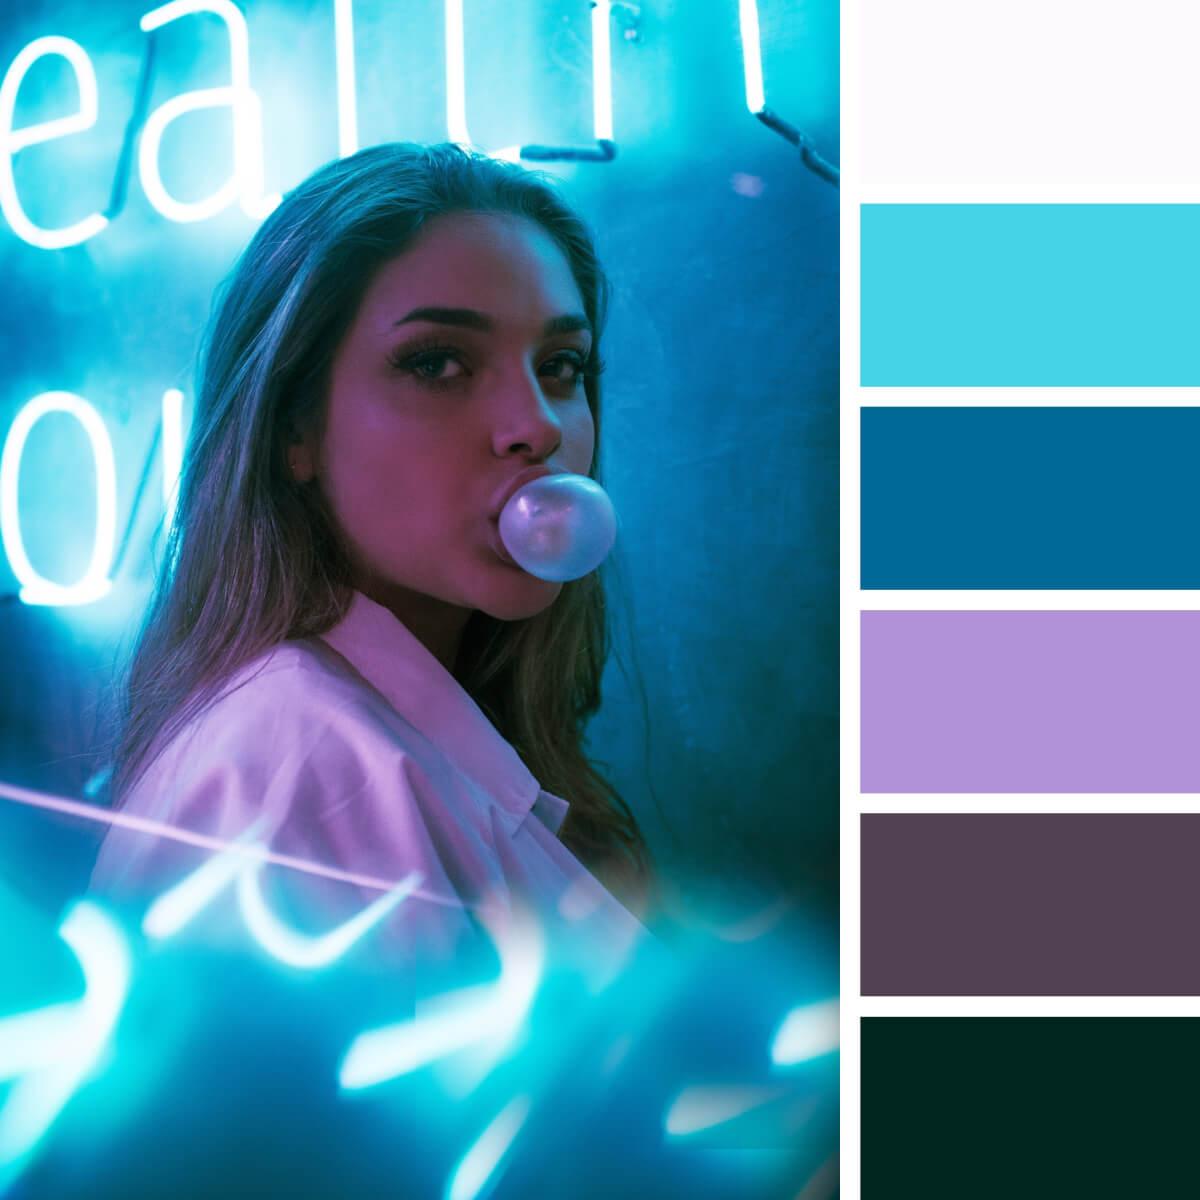 Neon Teal & Violet